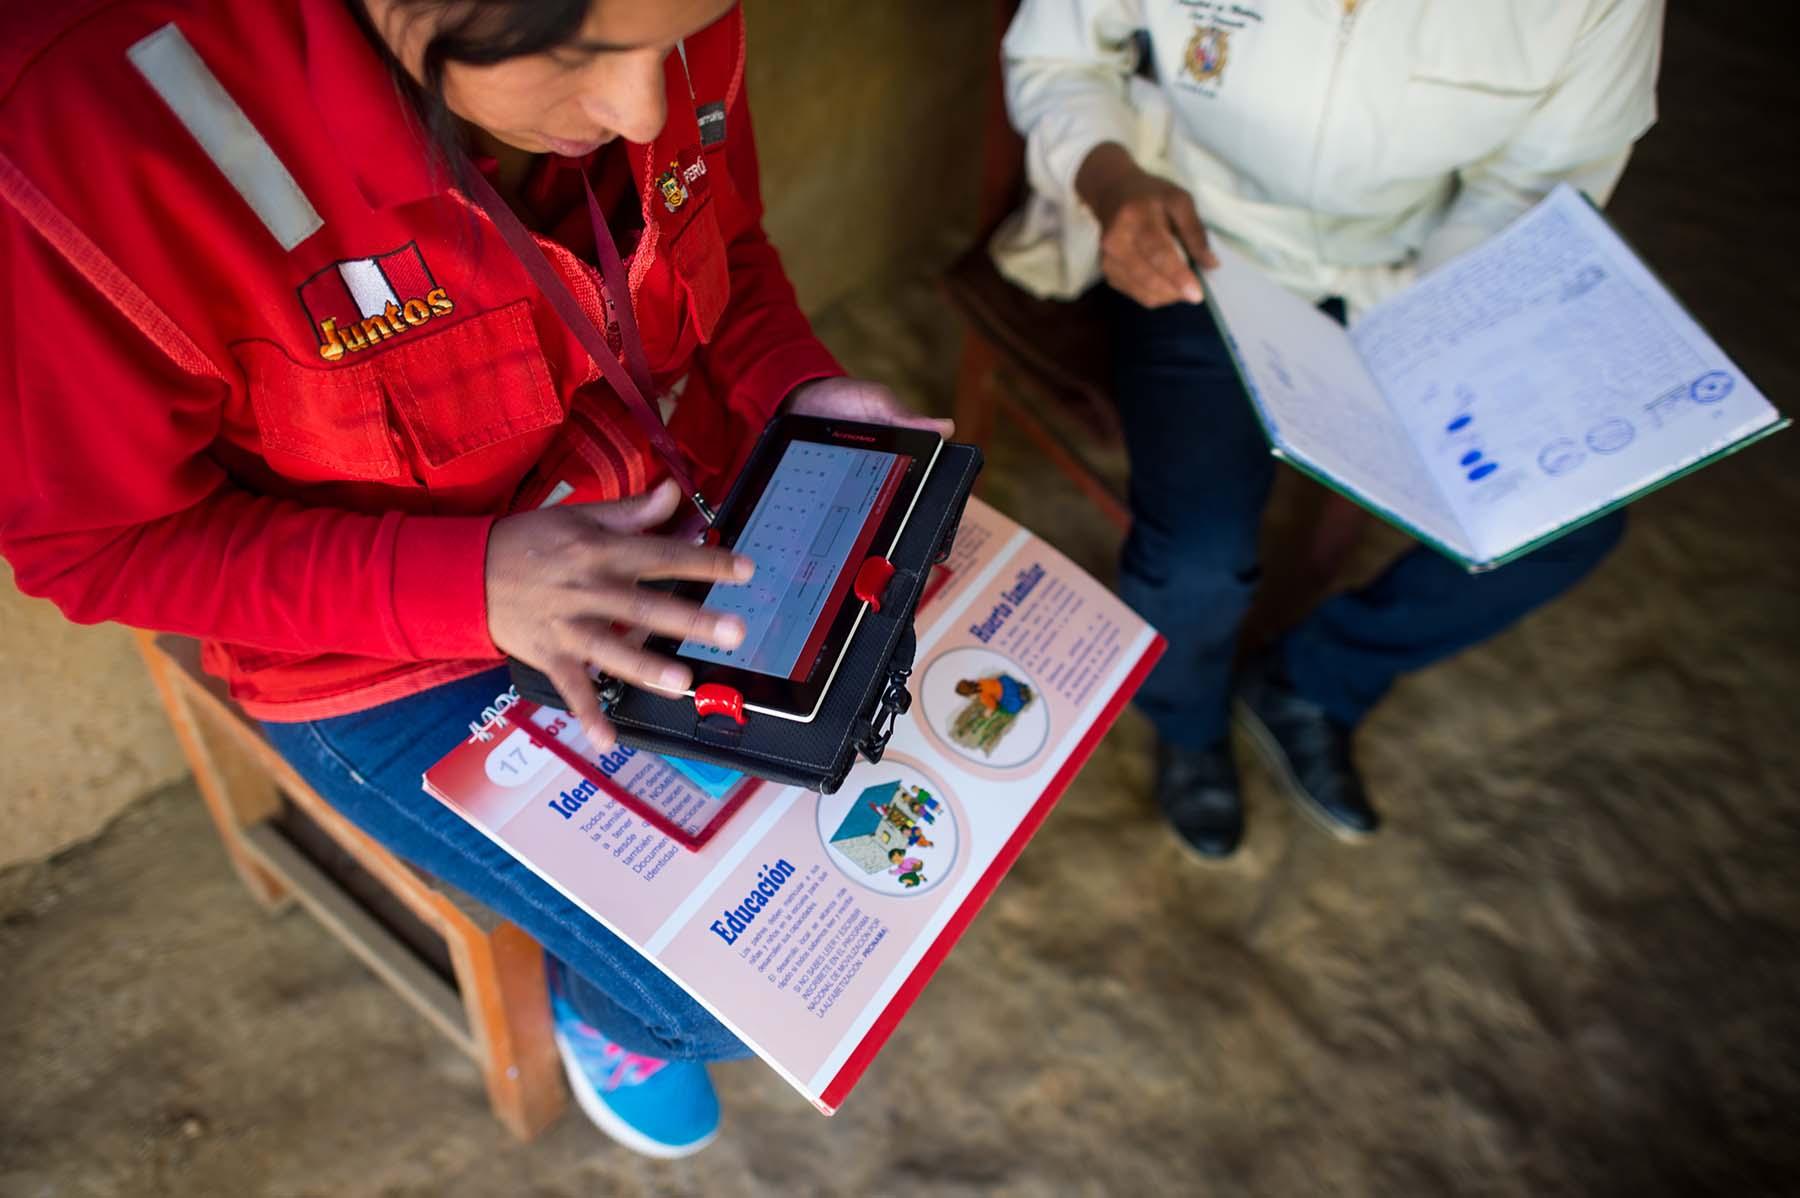 照片中医护人员在定期检查走访时,一边与母亲聊她儿子的情况,一边用电脑收集孩子的健康和发育相关数据。(秘鲁,Sogobamba)